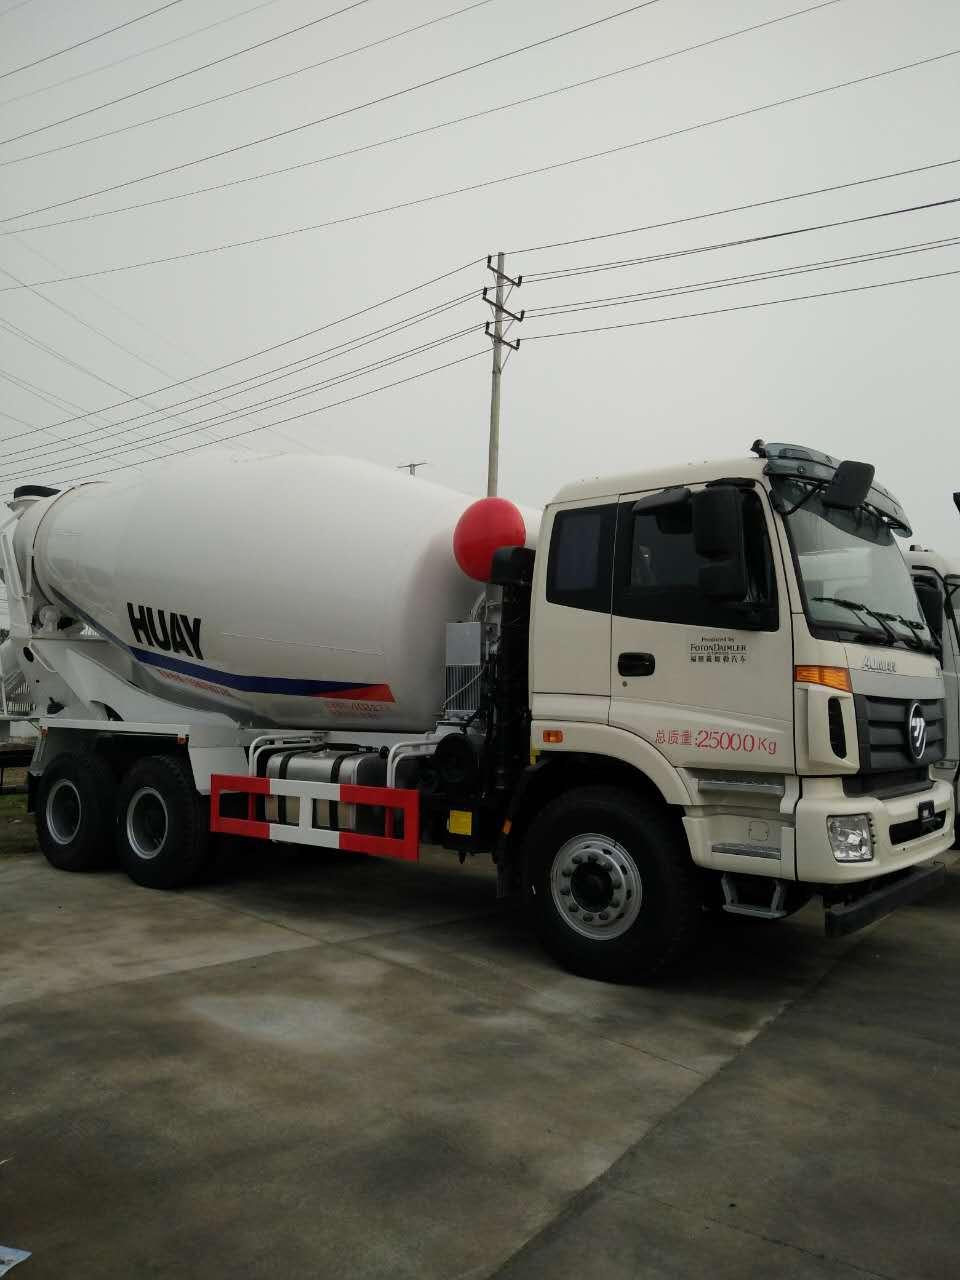 掌握水泥搅拌车清洗技巧对提高搅拌罐的装载容积有帮助